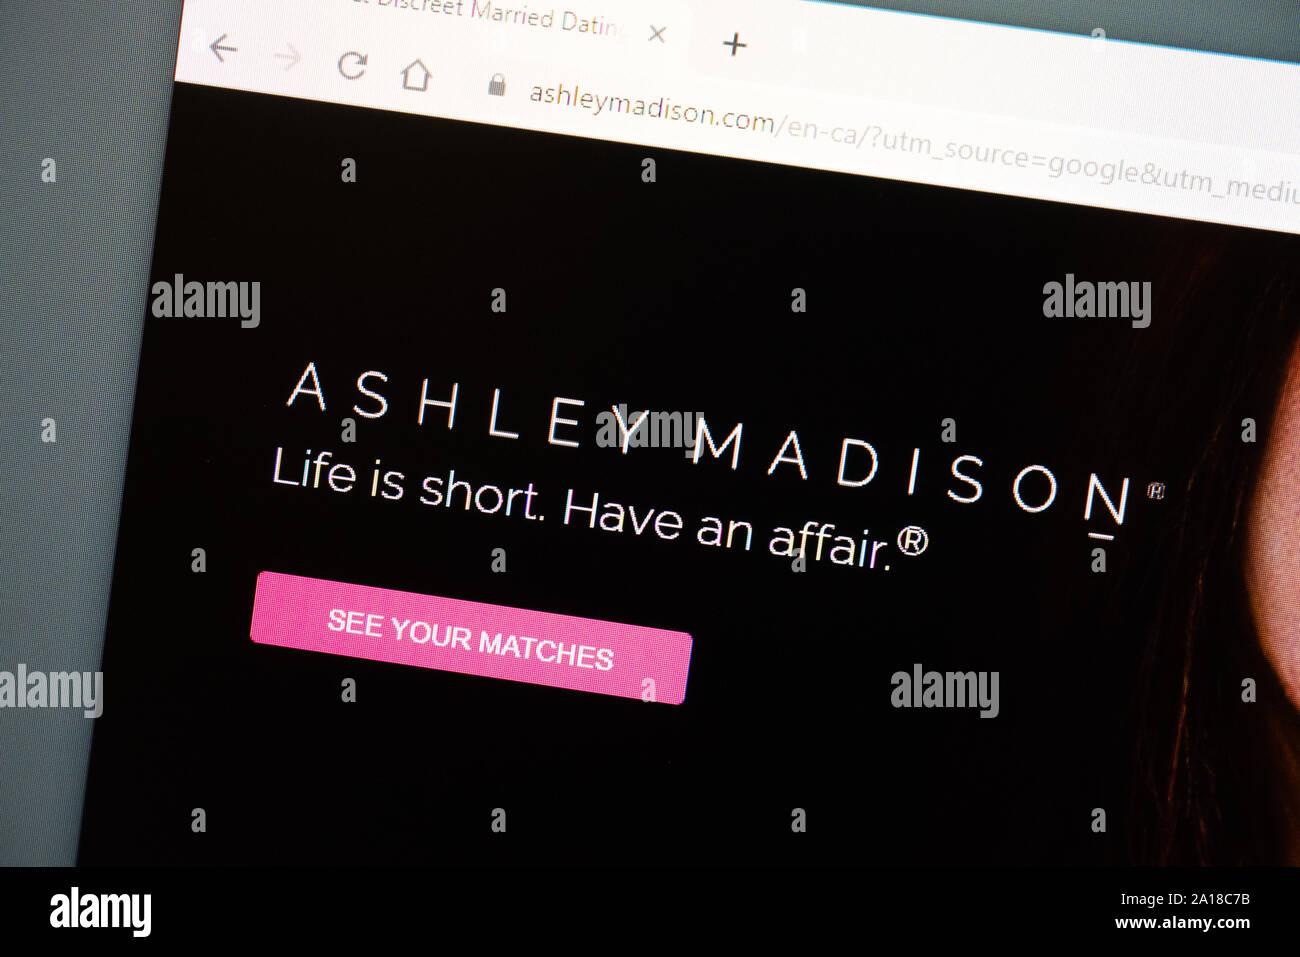 dating websites Madison beste dating website voor serieuze relaties UK